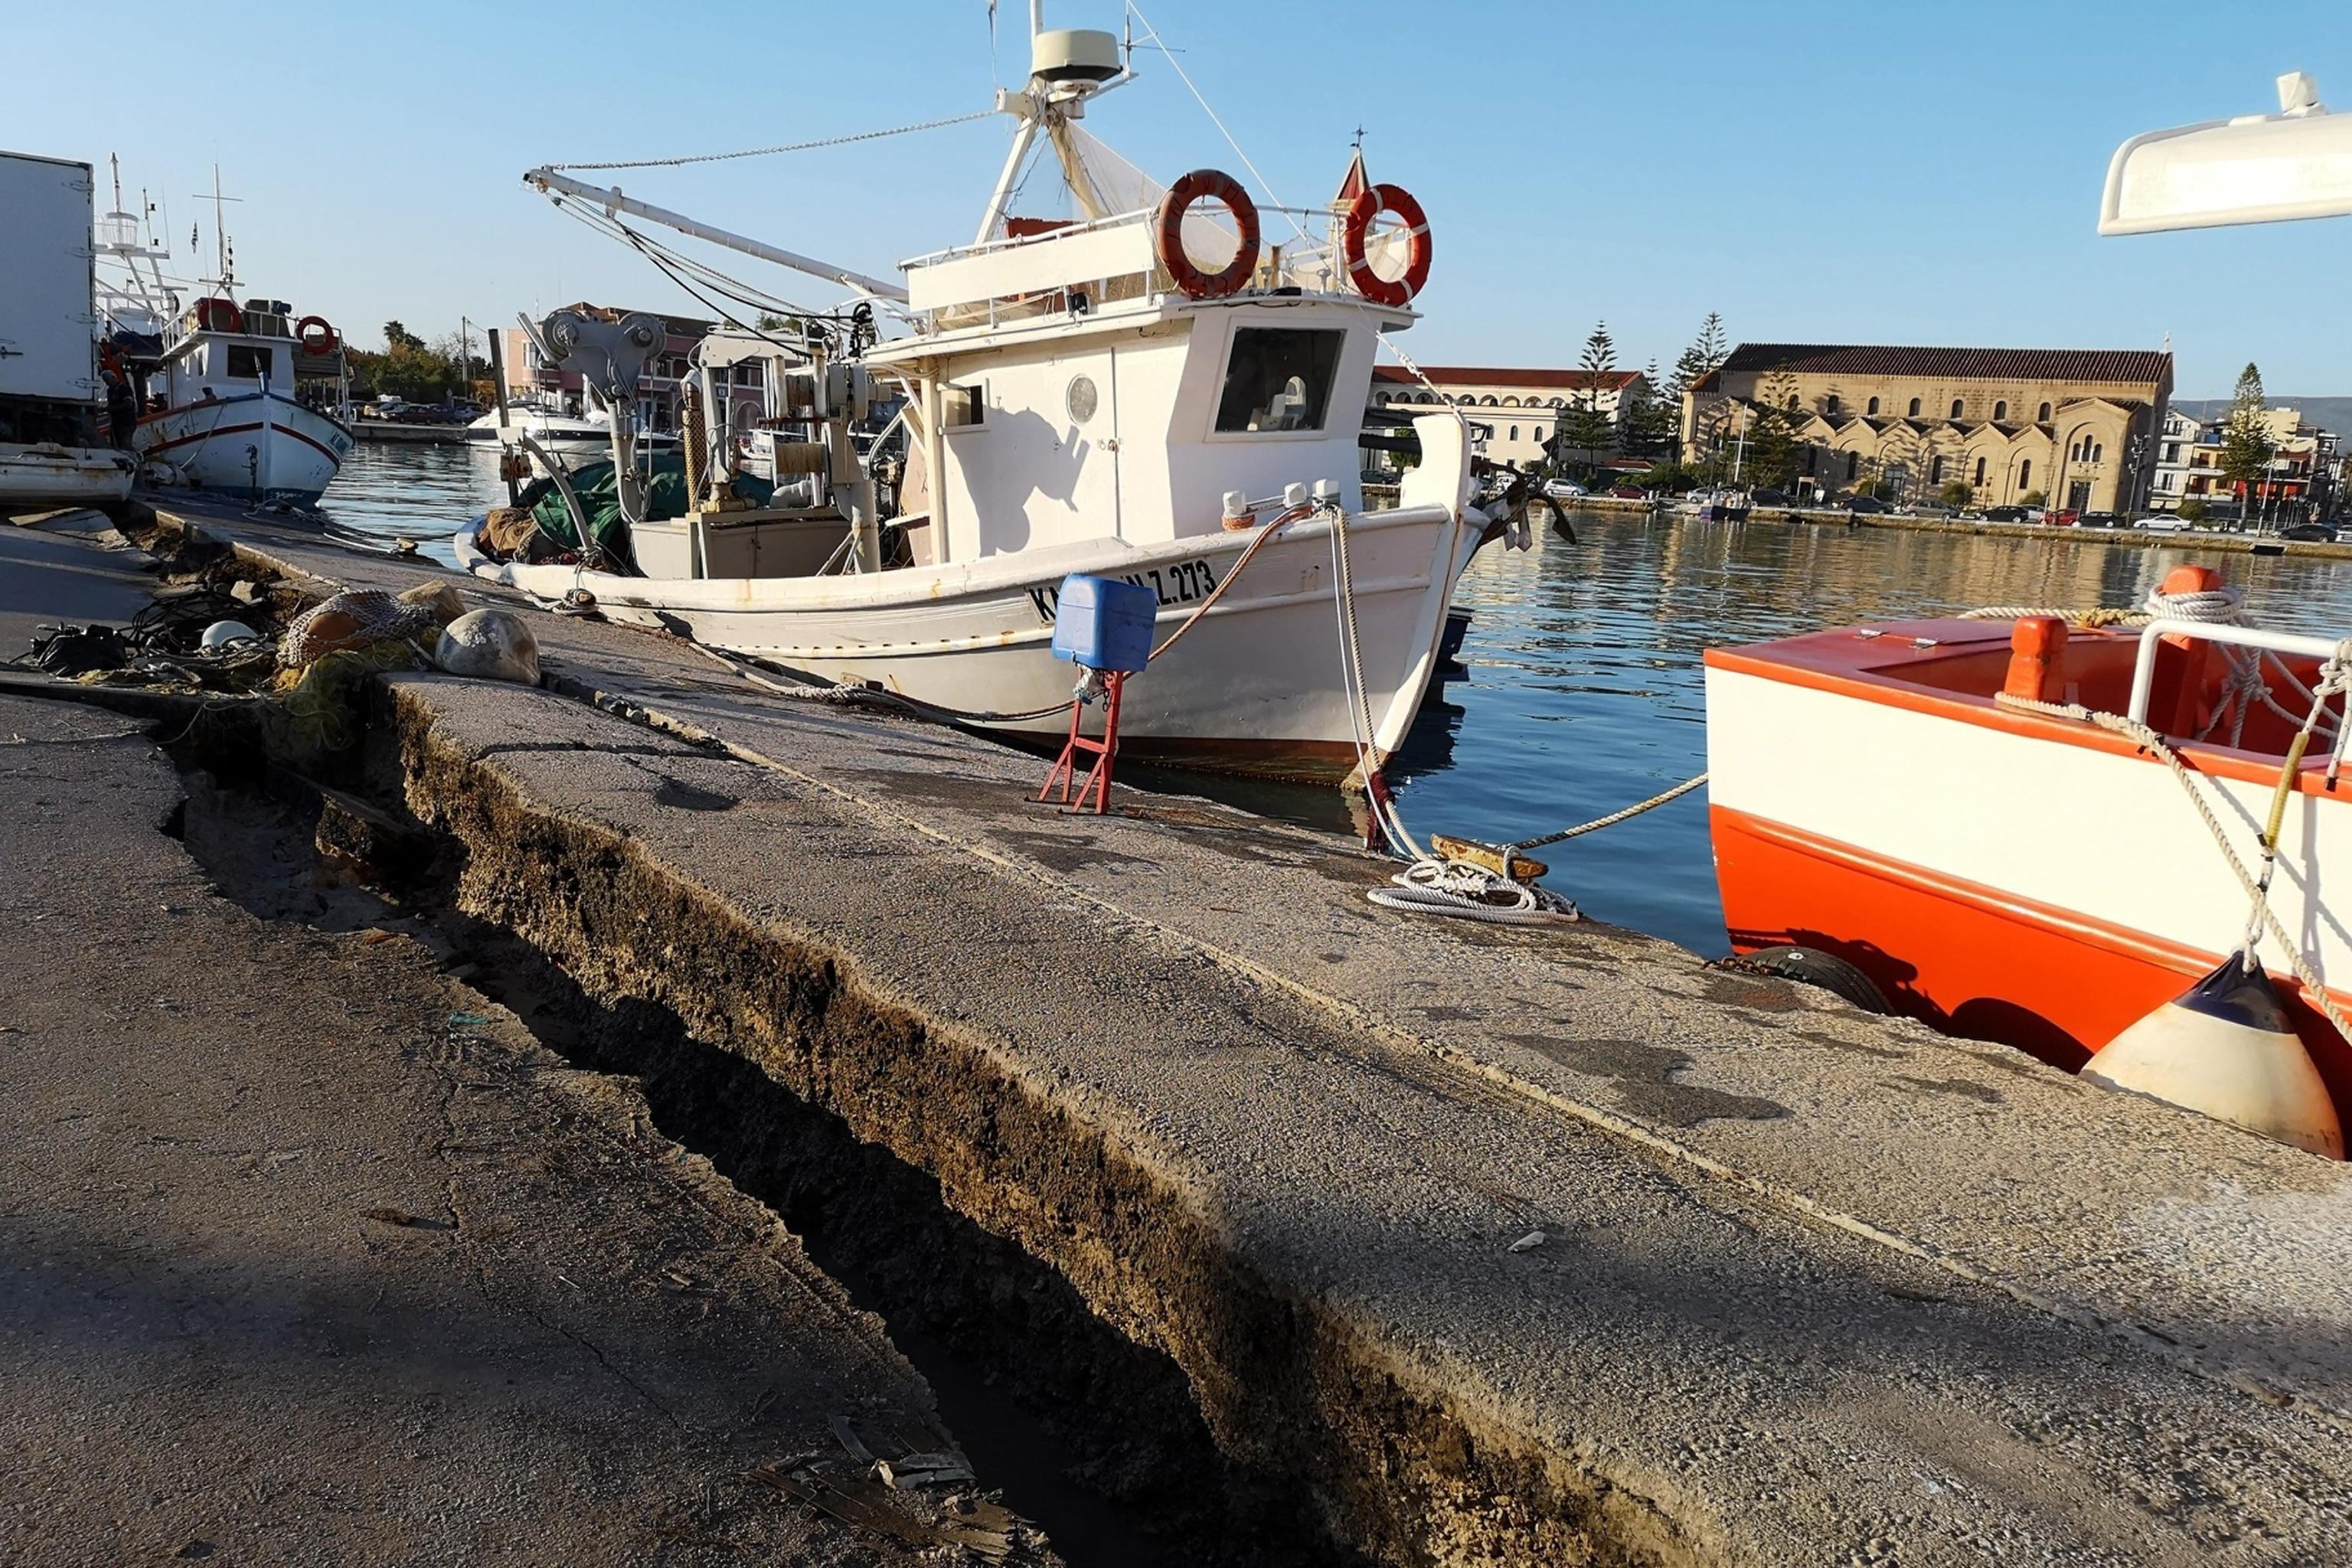 Terremoto di magnitudo 6,8 danneggia il porto di Zante